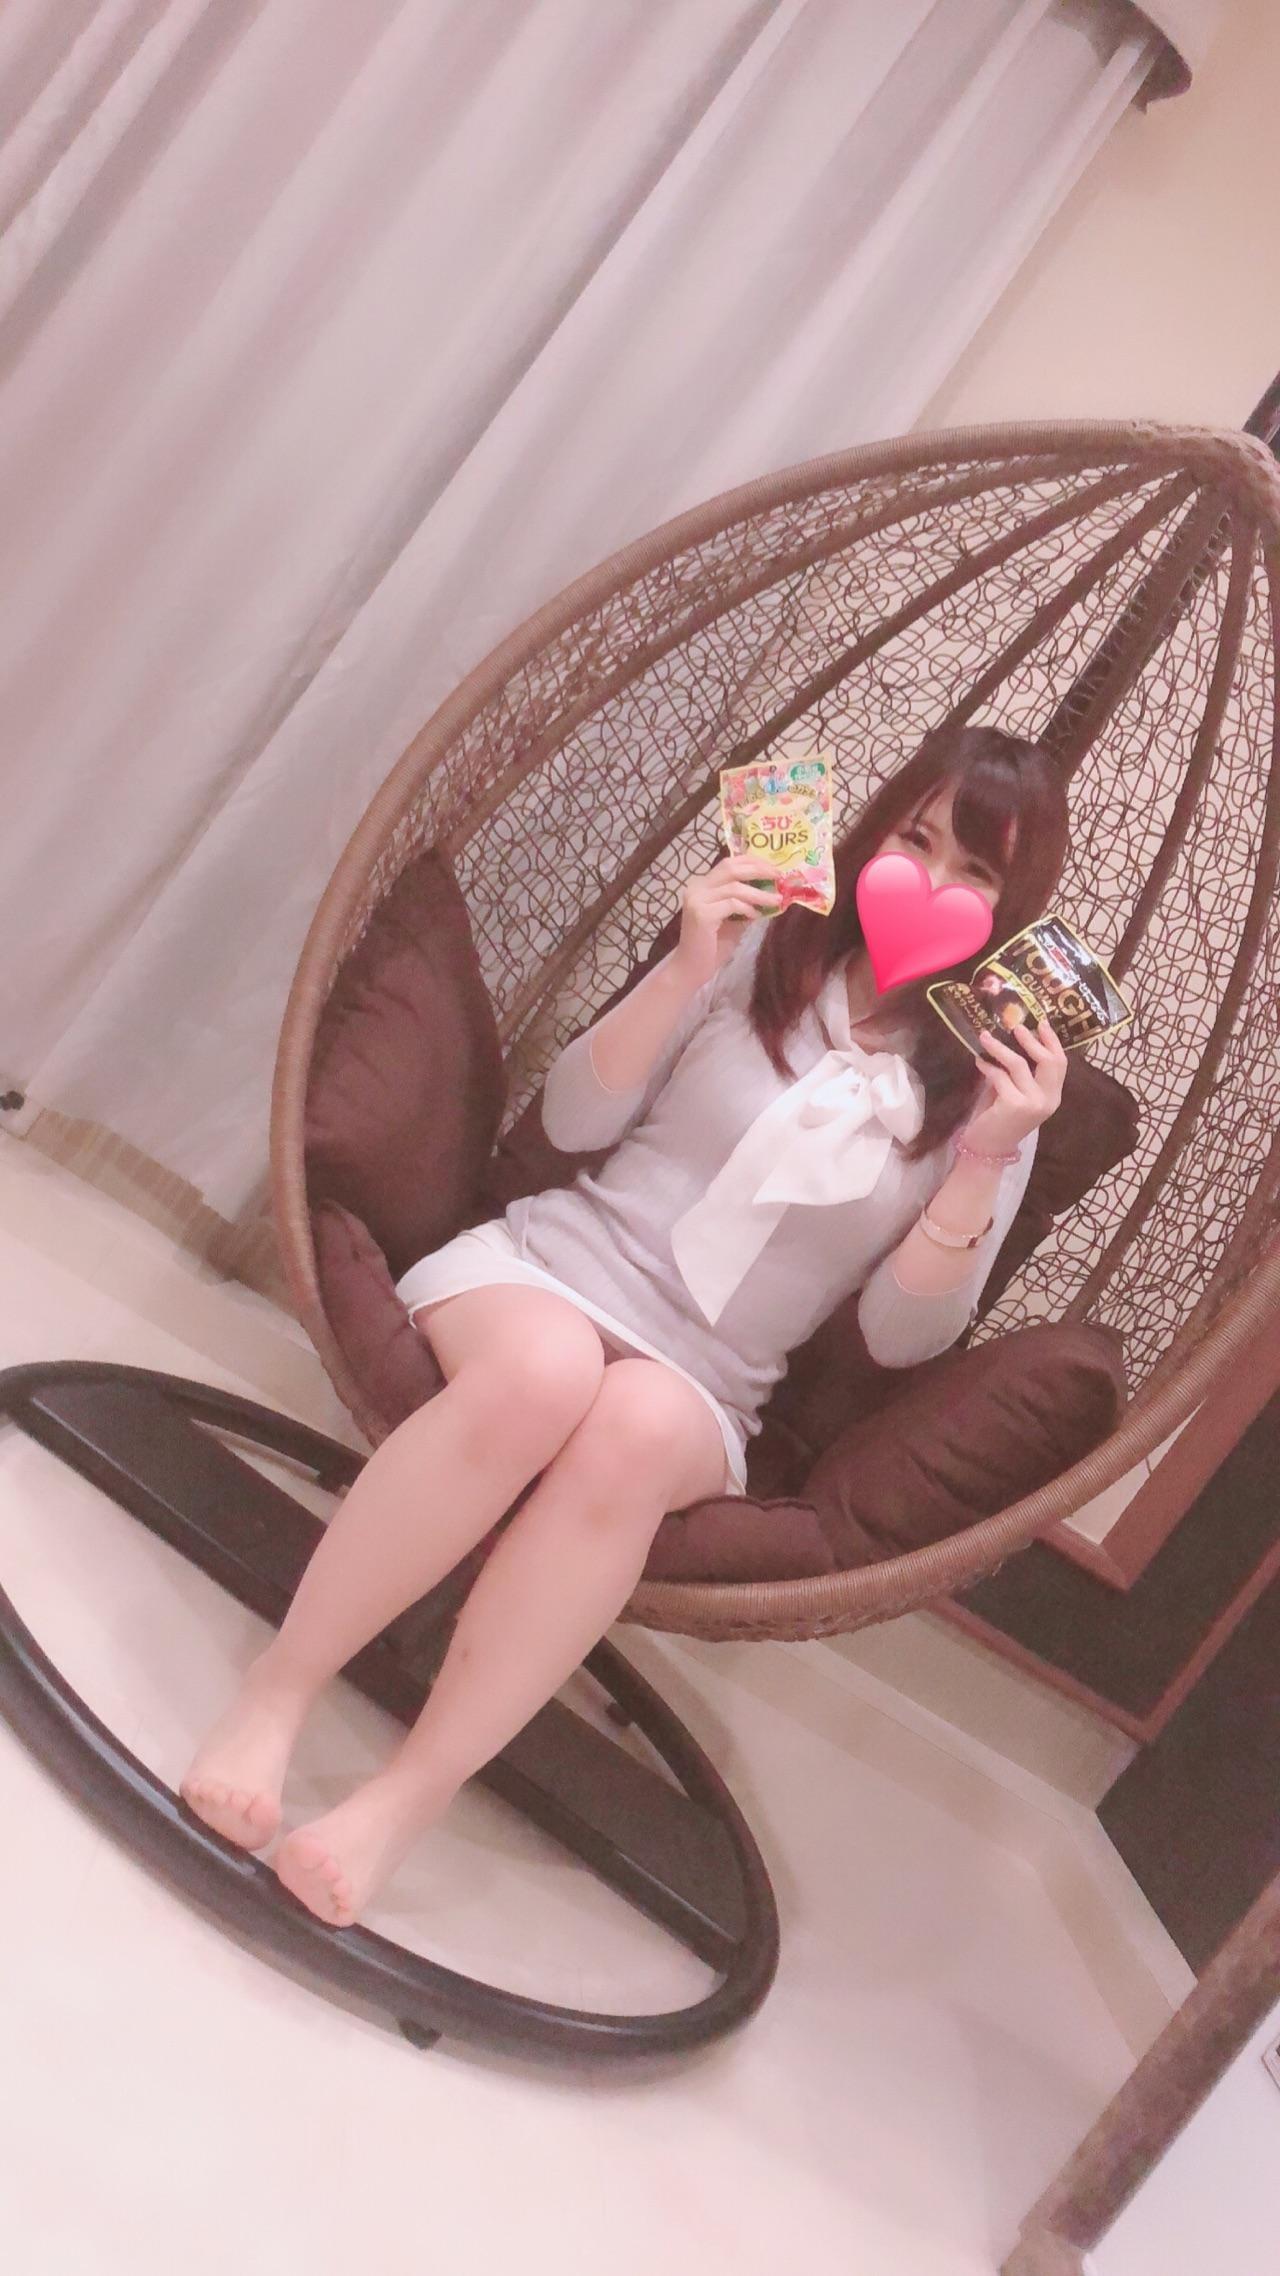 「グミのお兄さん!(○´?ω?`○)」10/19(10/19) 19:45 | Fuyuhi フユヒの写メ・風俗動画